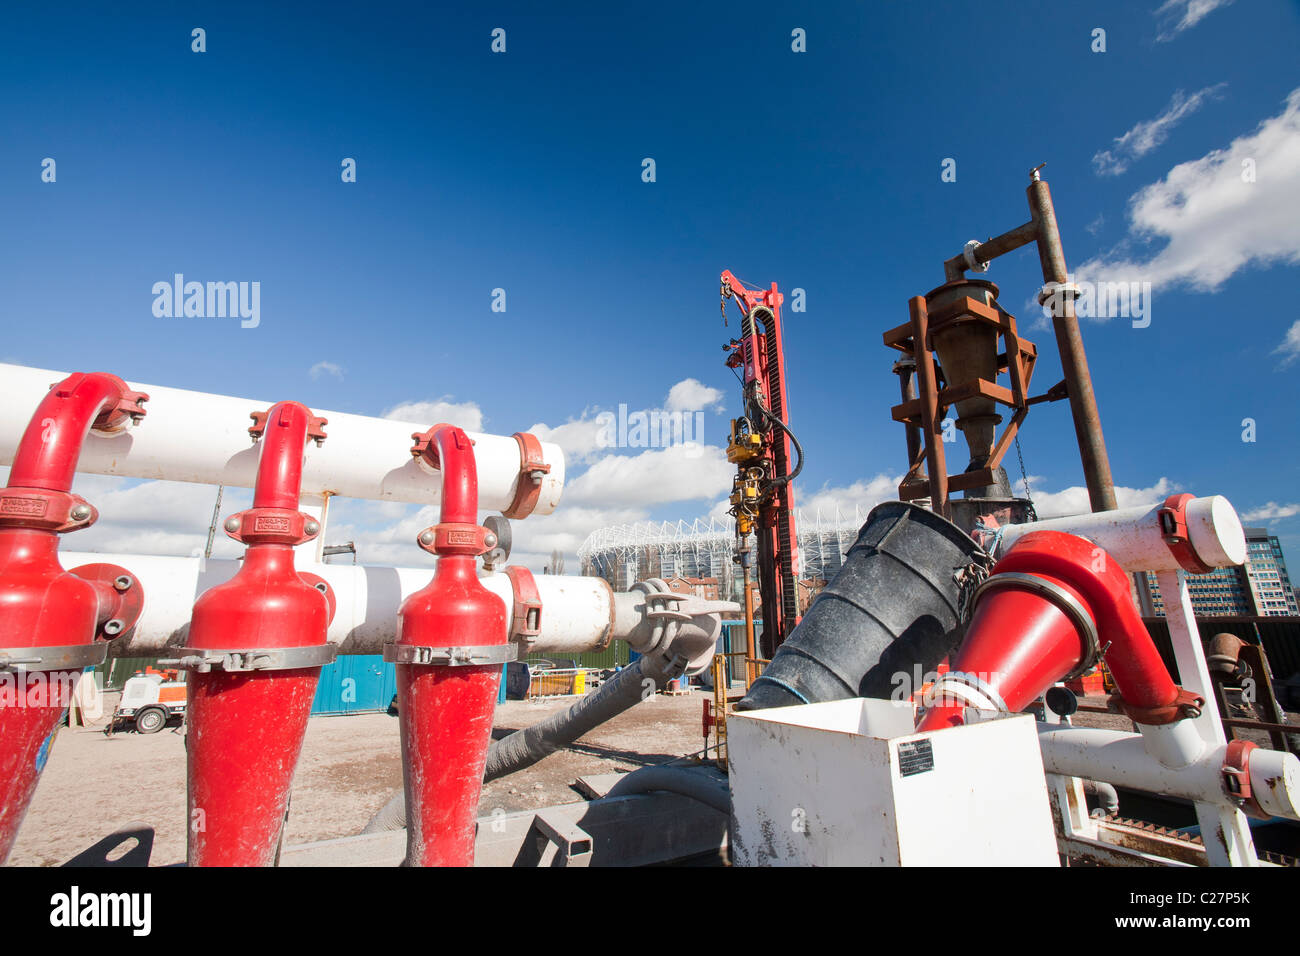 Un energia geotermica progetto dell Università di Newcastle, finanziata dal Dipartimento di Energia e cambiamento Immagini Stock